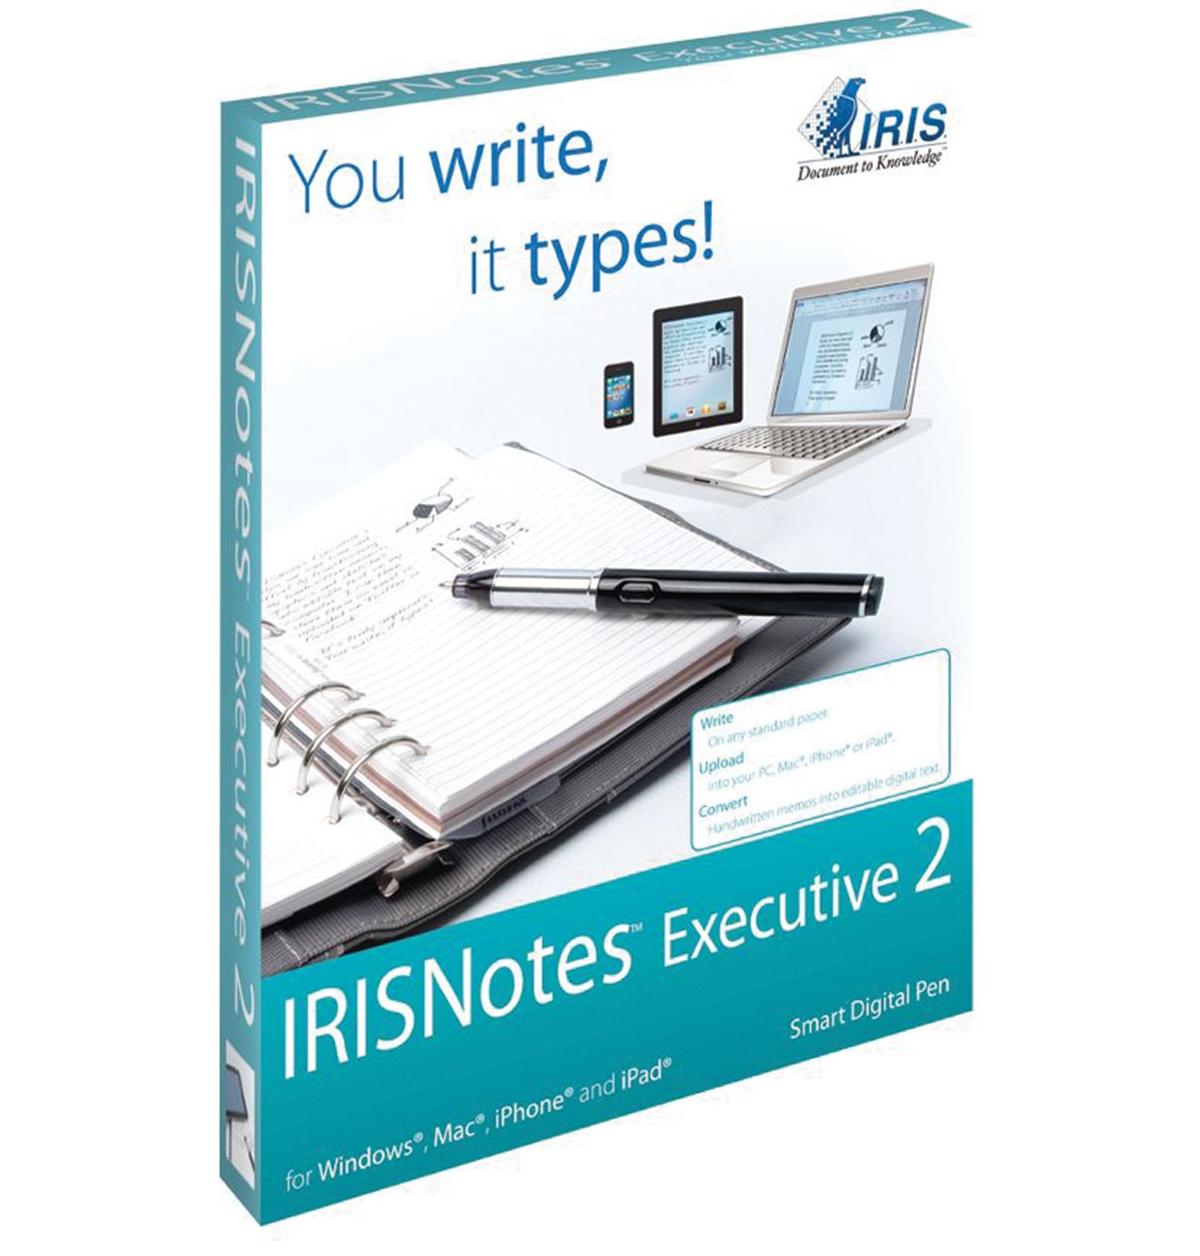 I.R.I.S. Executive 2